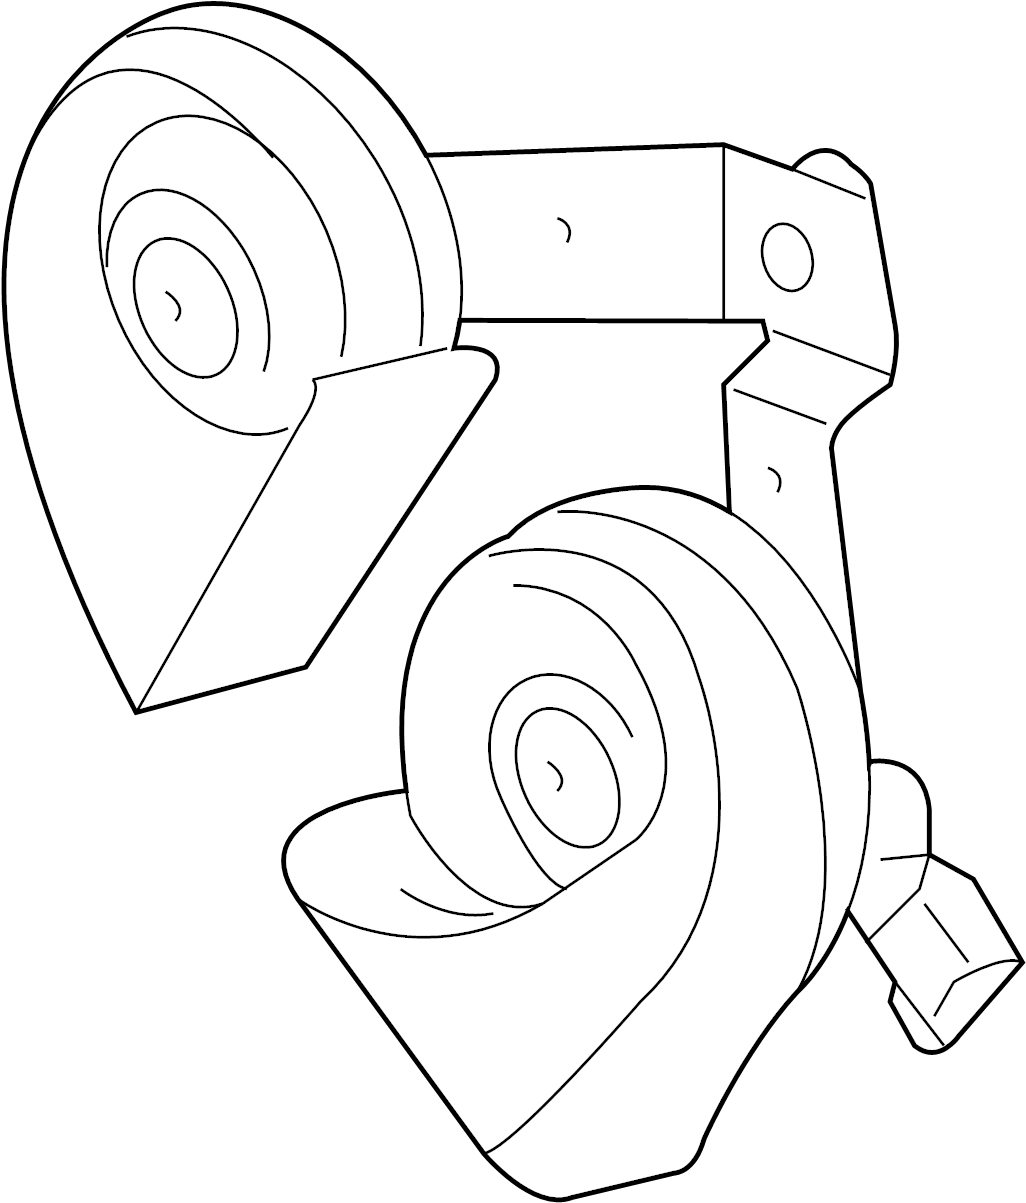 8c2z C